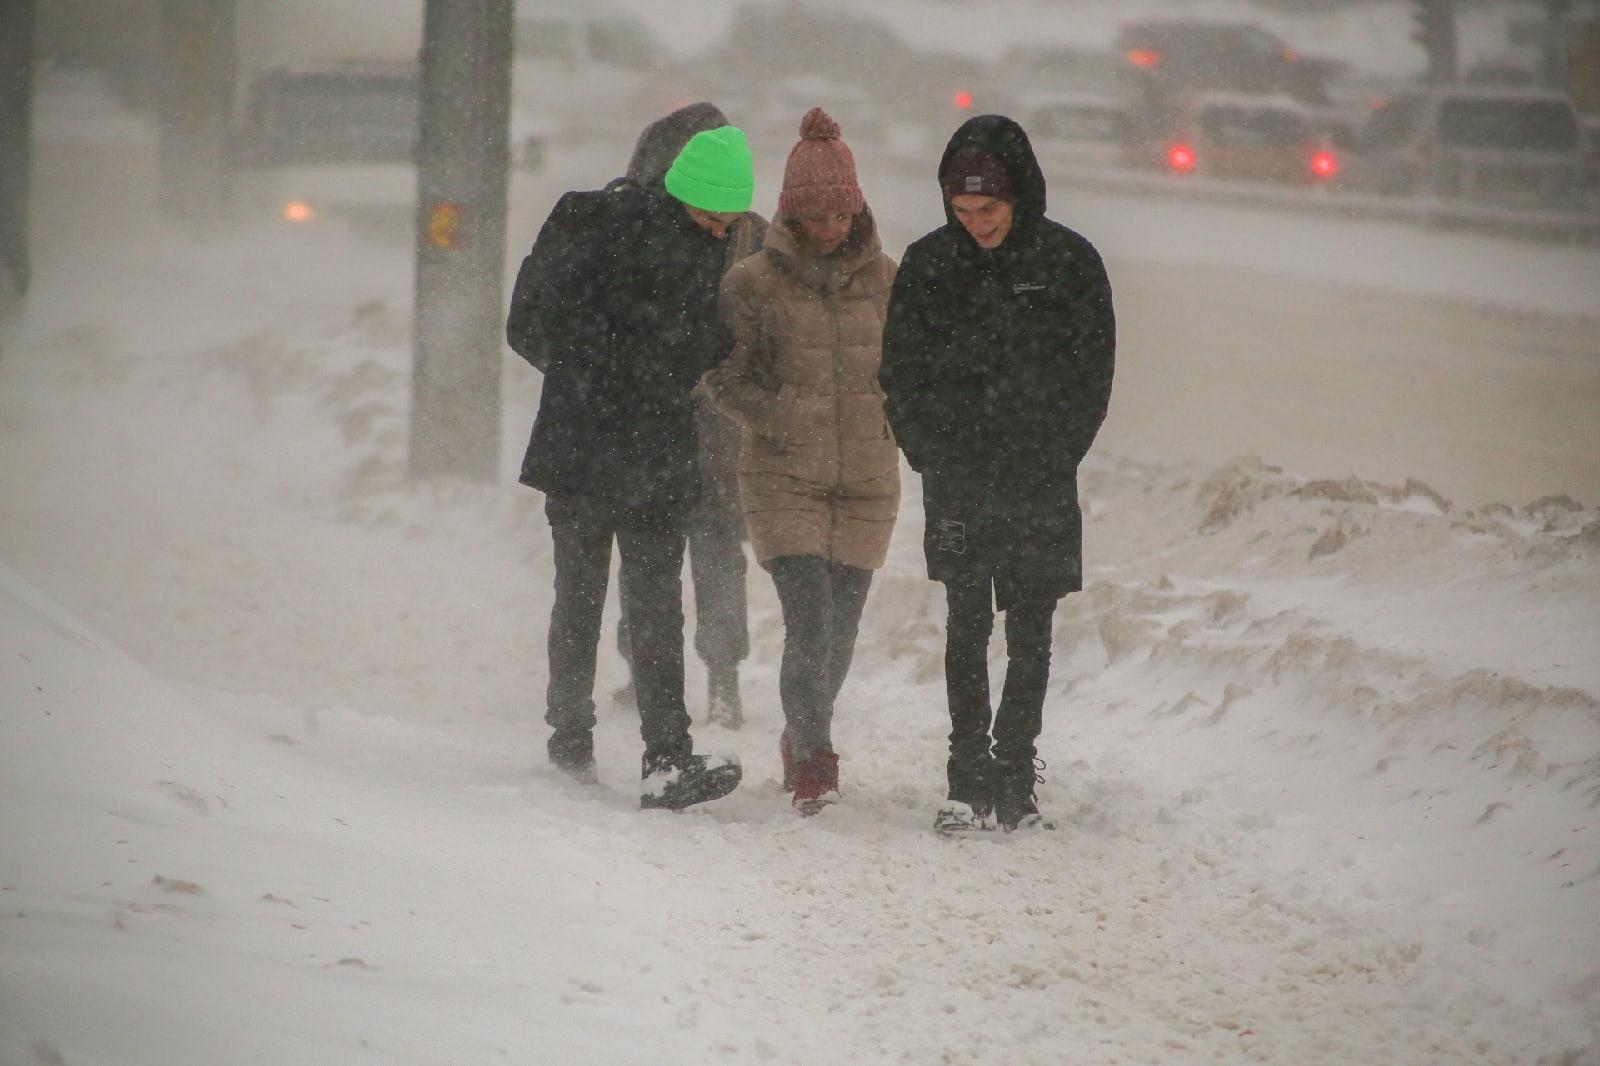 фото Новосибирск накрыла ледяная буря: 10 фото из снежного плена 4